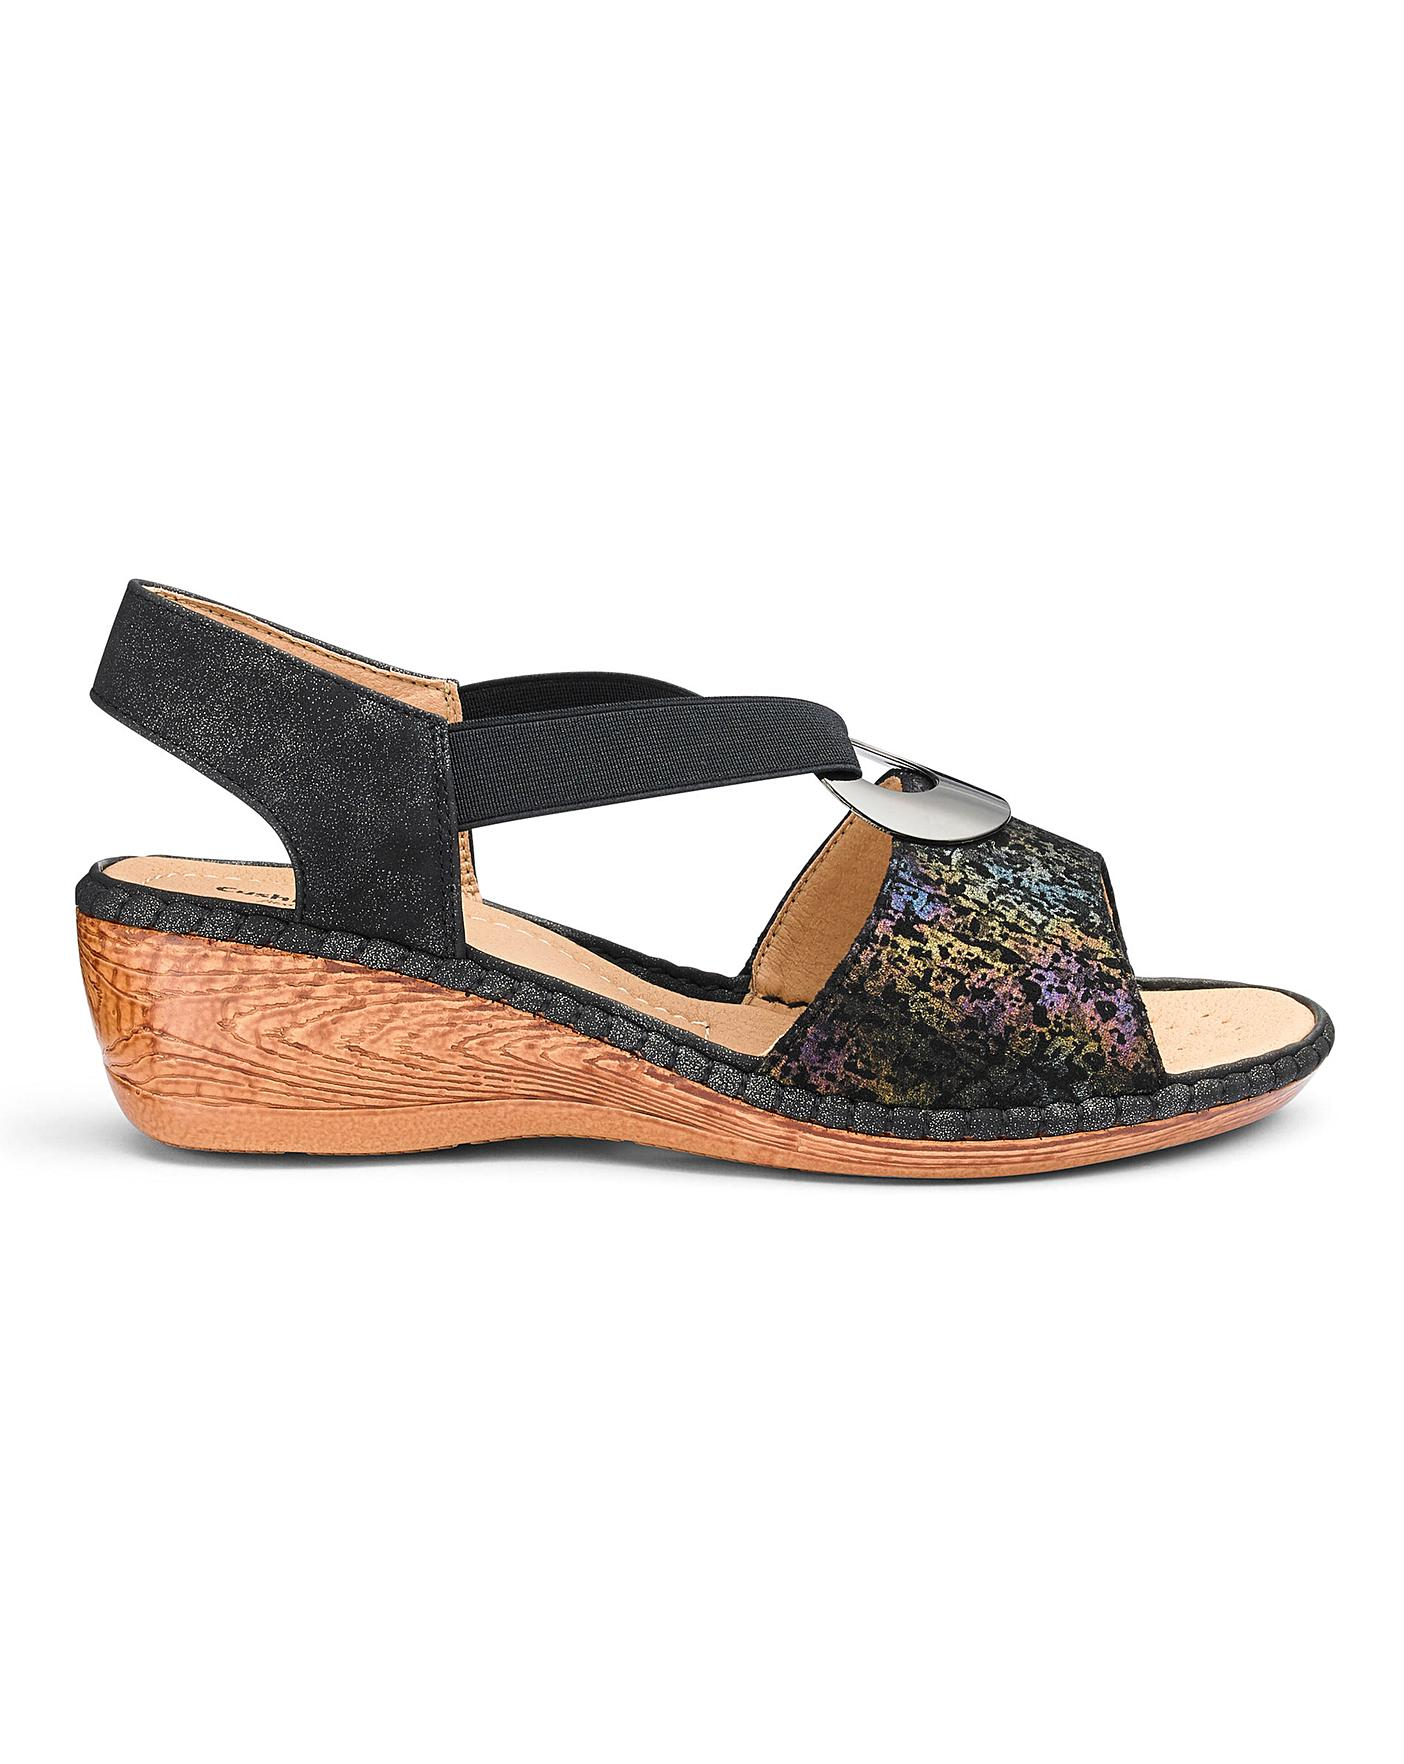 Cushion Walk Sandals EEE Fit   J D Williams